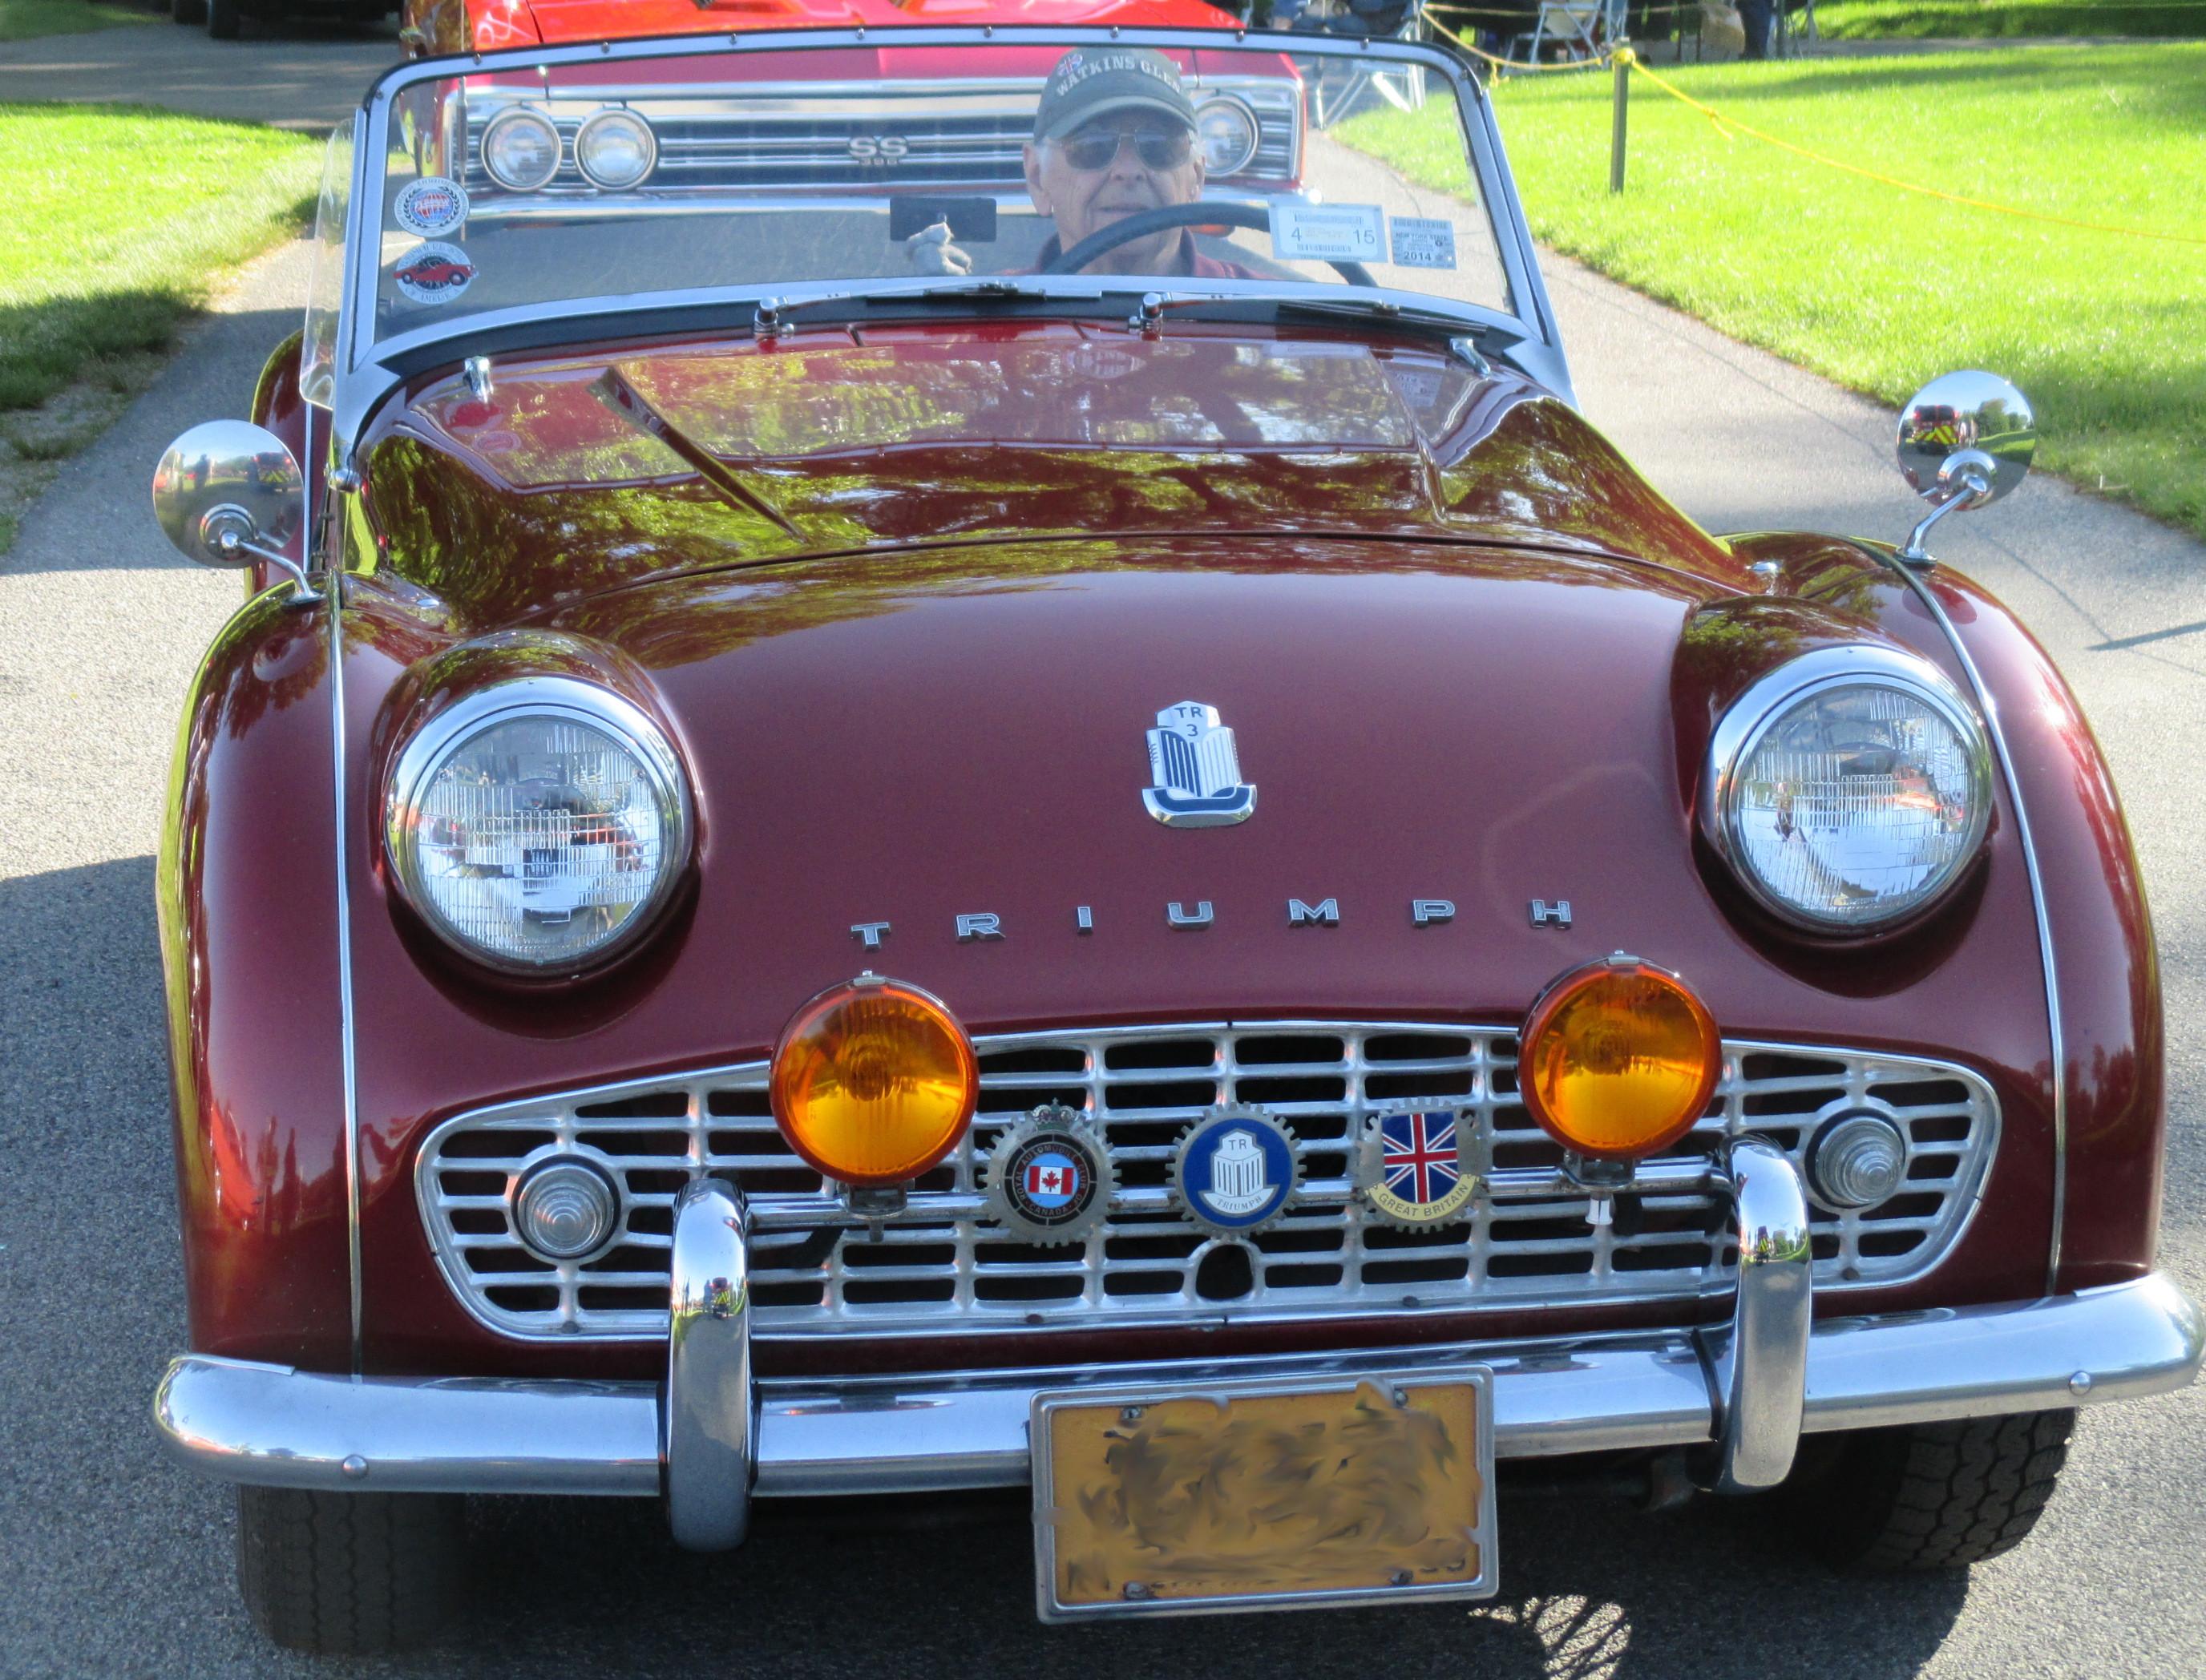 1958-Triumph-front-view